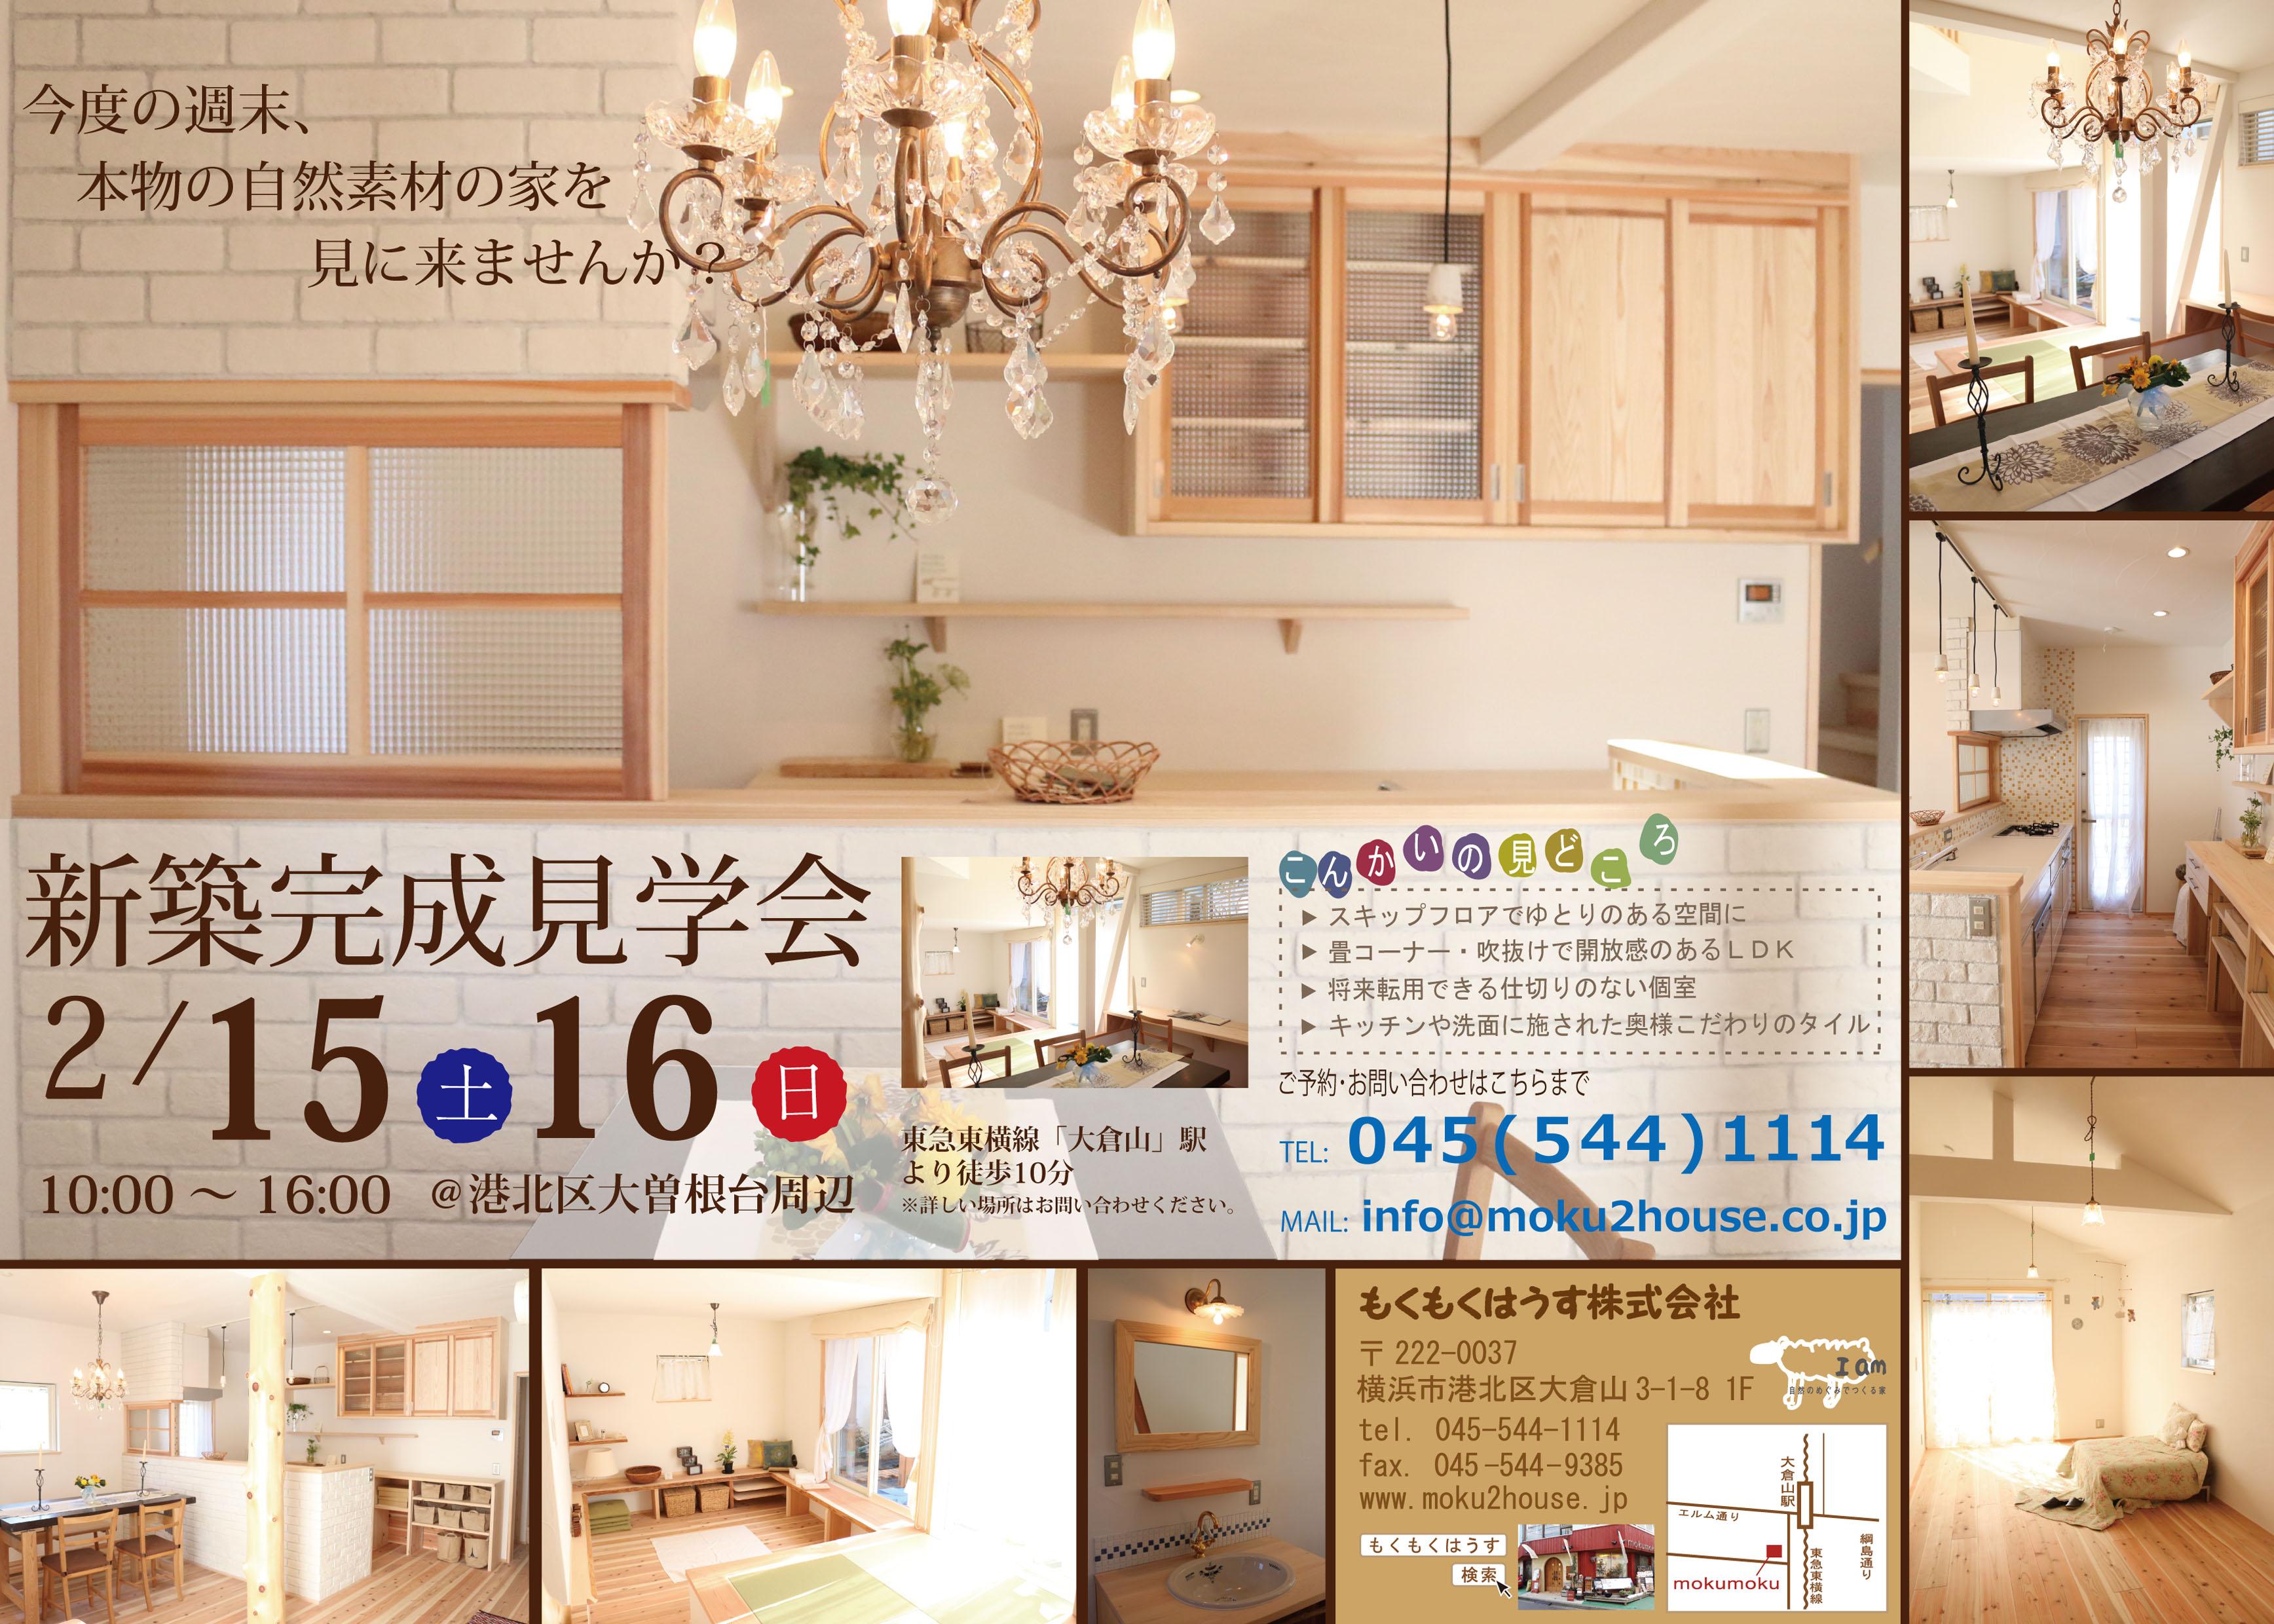 H26.2.15・16(土)・(日) 新築完成見学会